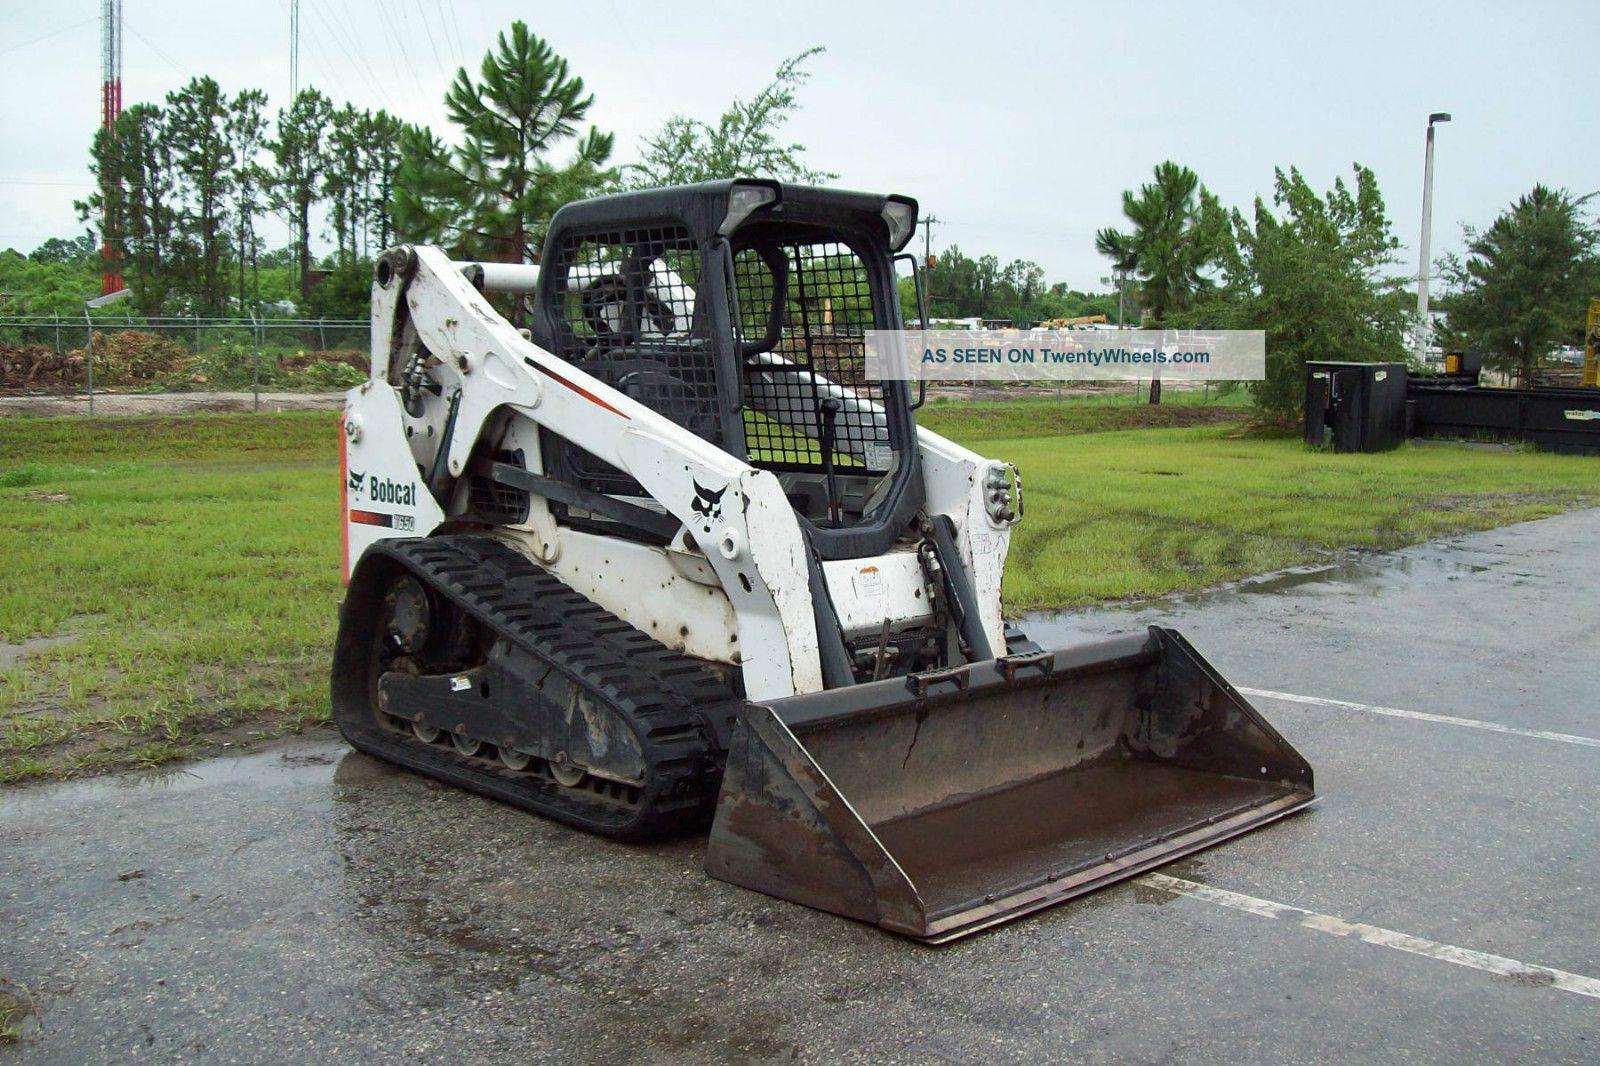 Bobcat Skid Steer Track Loader : Bobcat t track loader tracks sprockets lifts